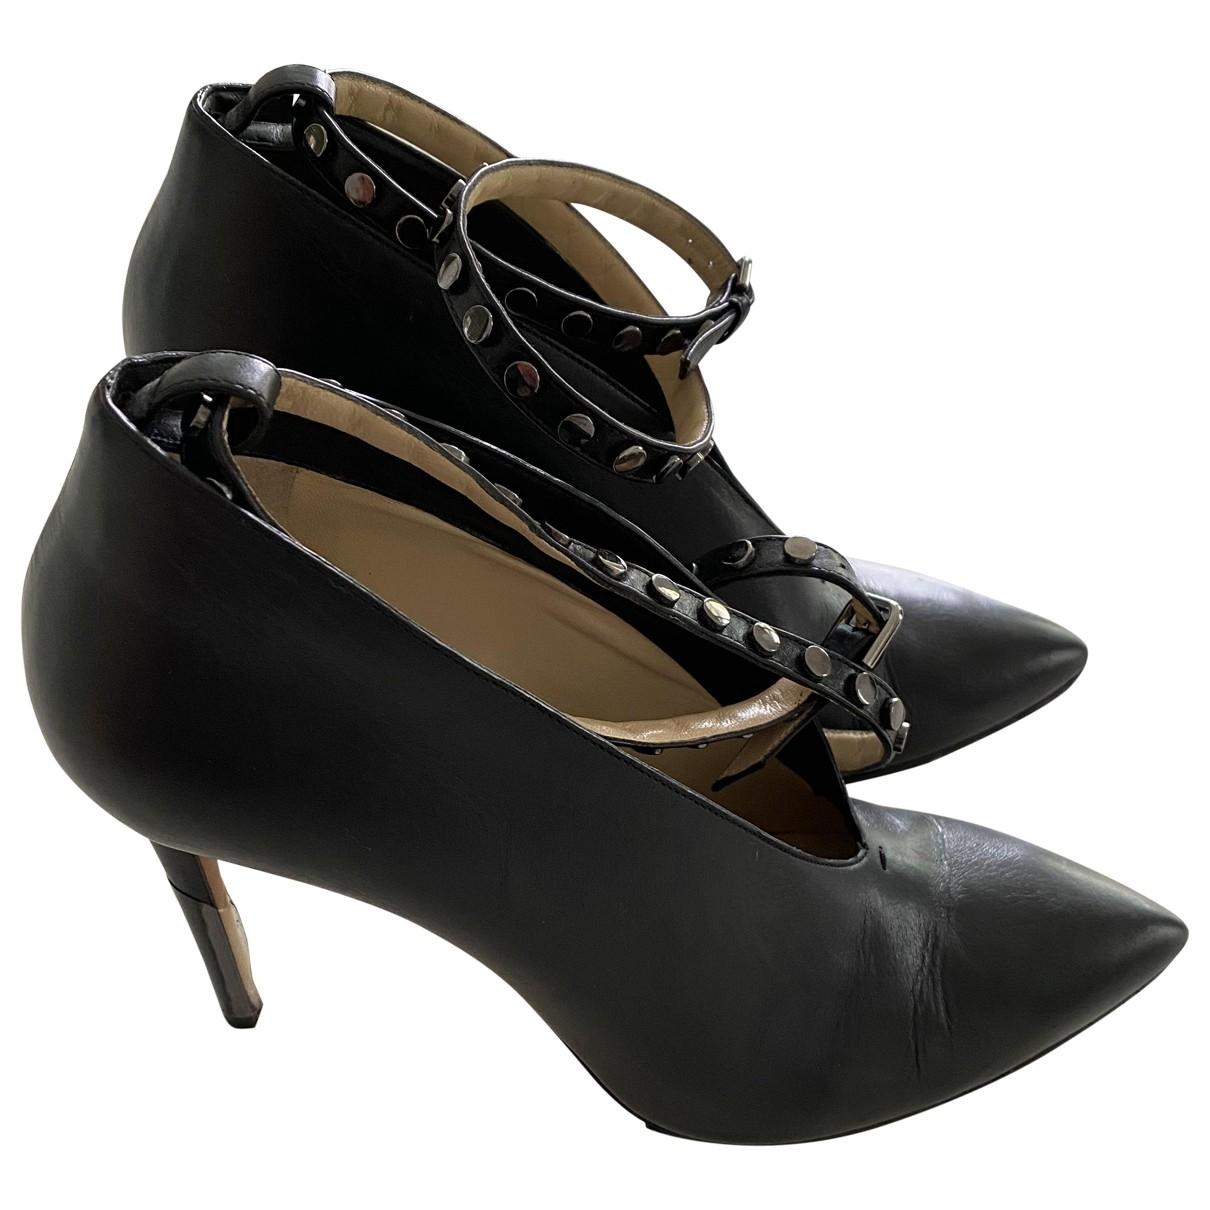 Jimmy Choo Lark ankle strap pump Black Leather Heels for Women 40 EU